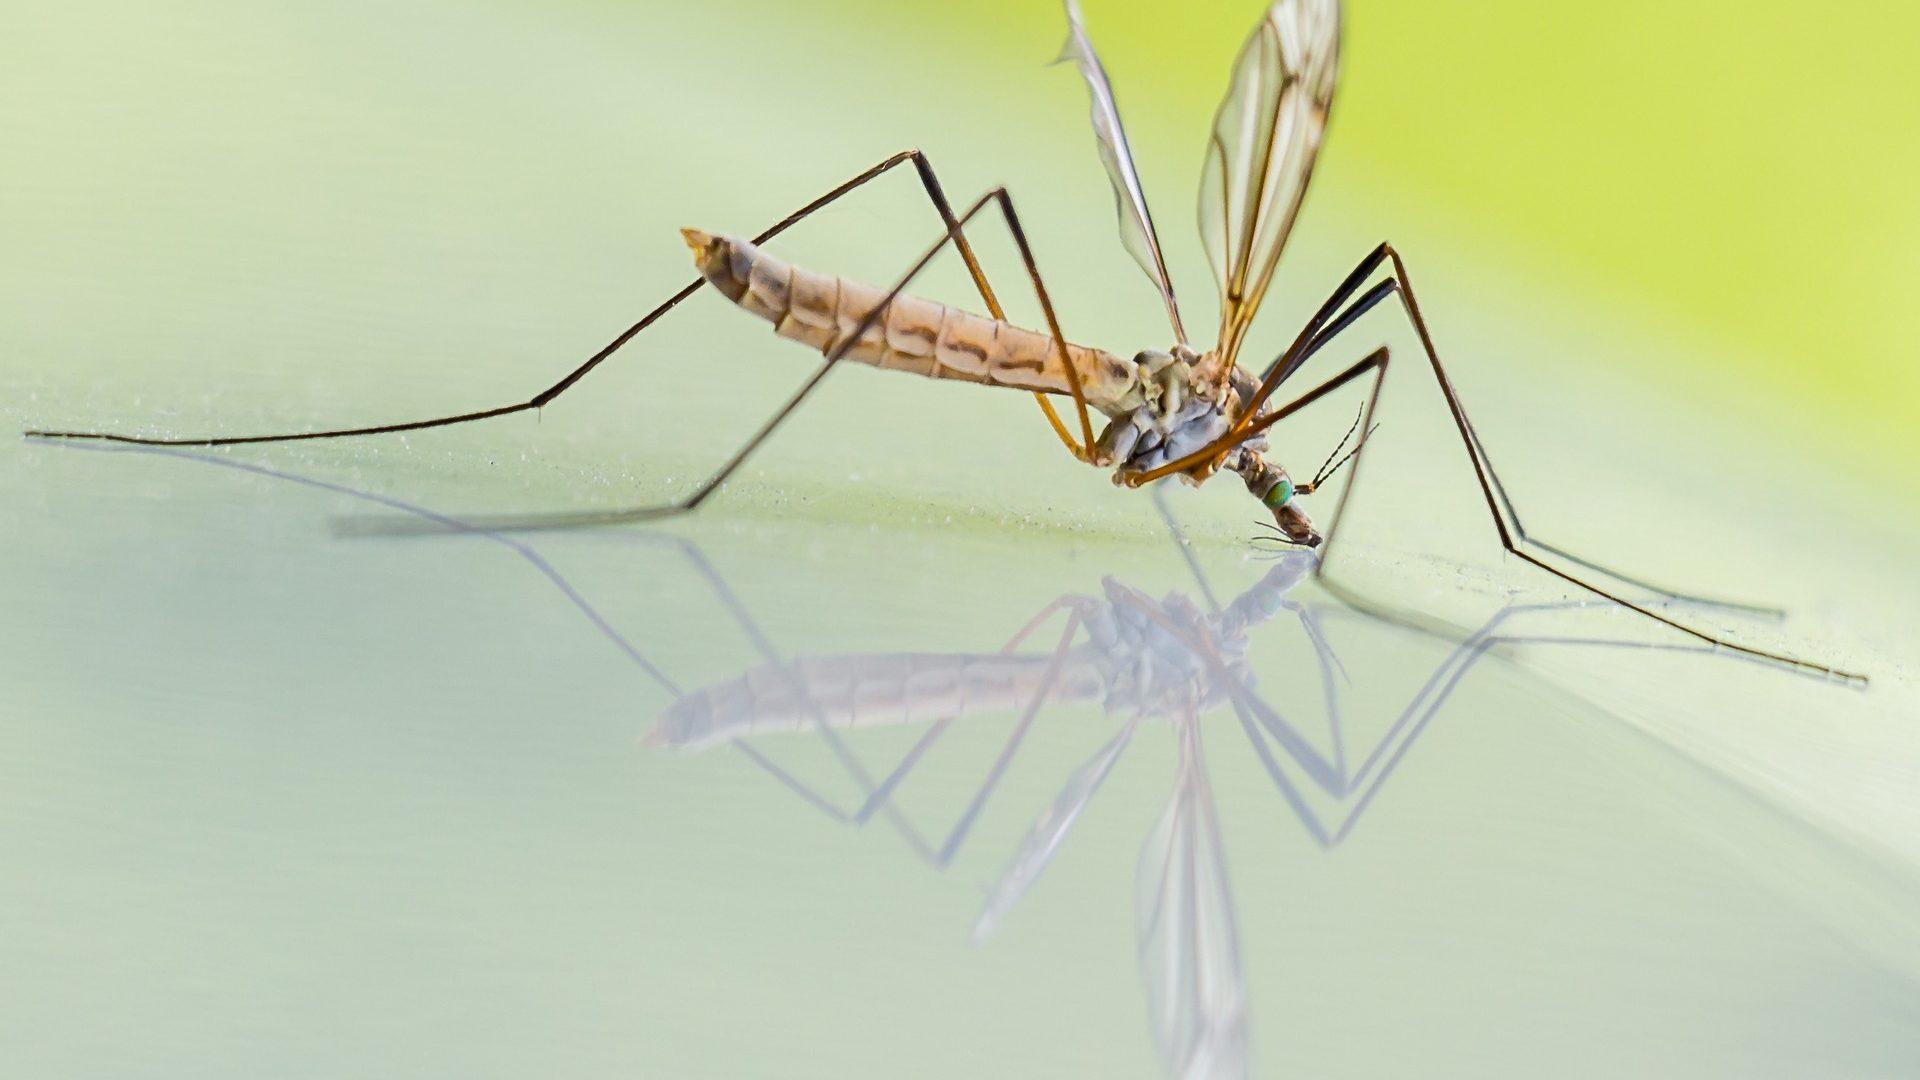 Malattie trasmesse delle zanzare: la mappa mondiale delle zone più pericolose